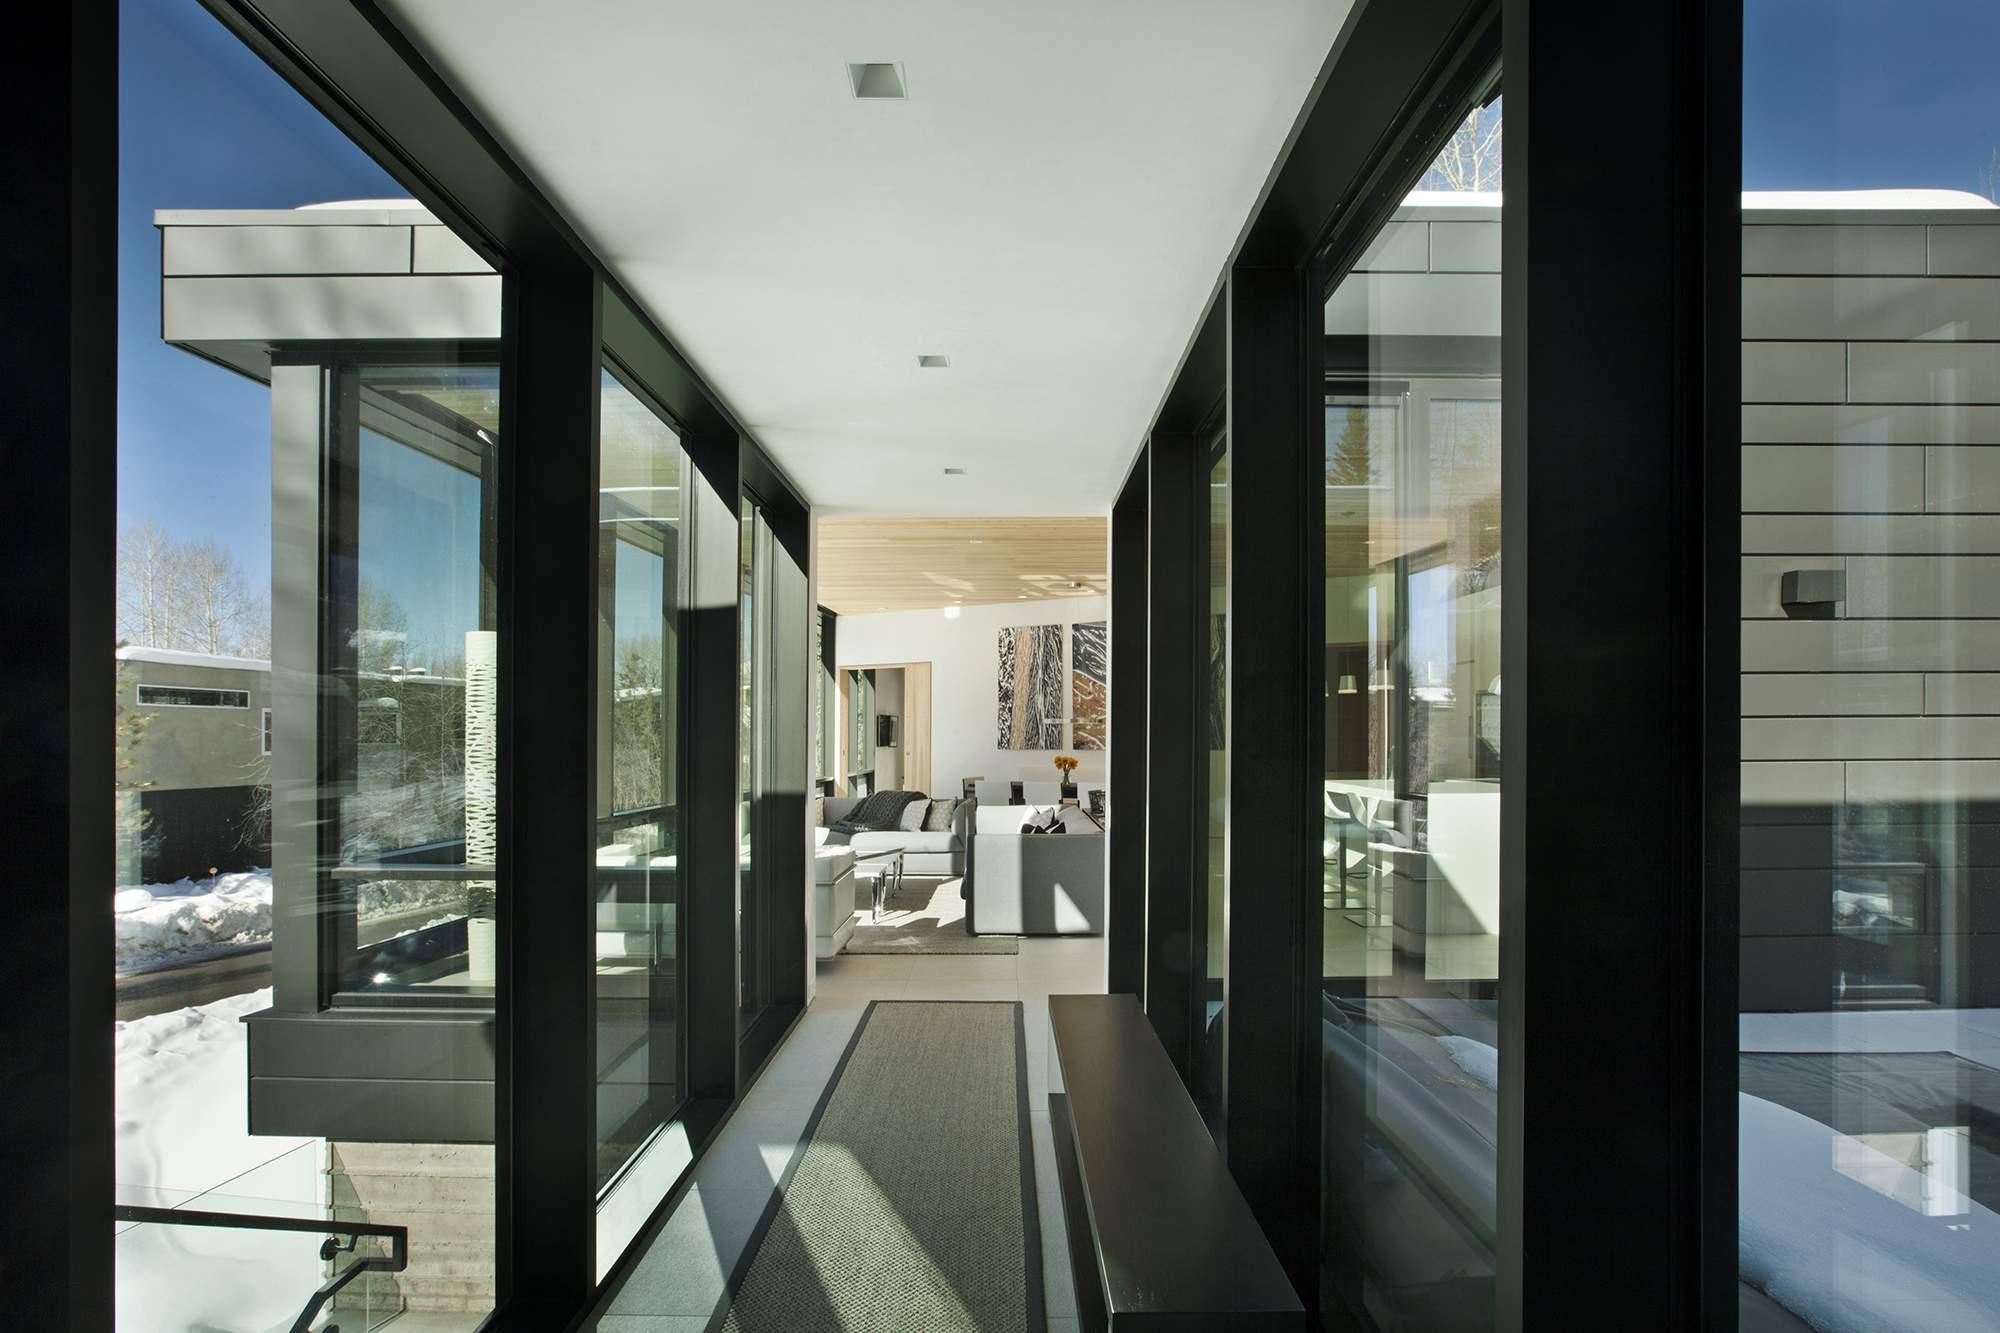 Отель Zale Residence в горнолыжном курорте Аспен, США